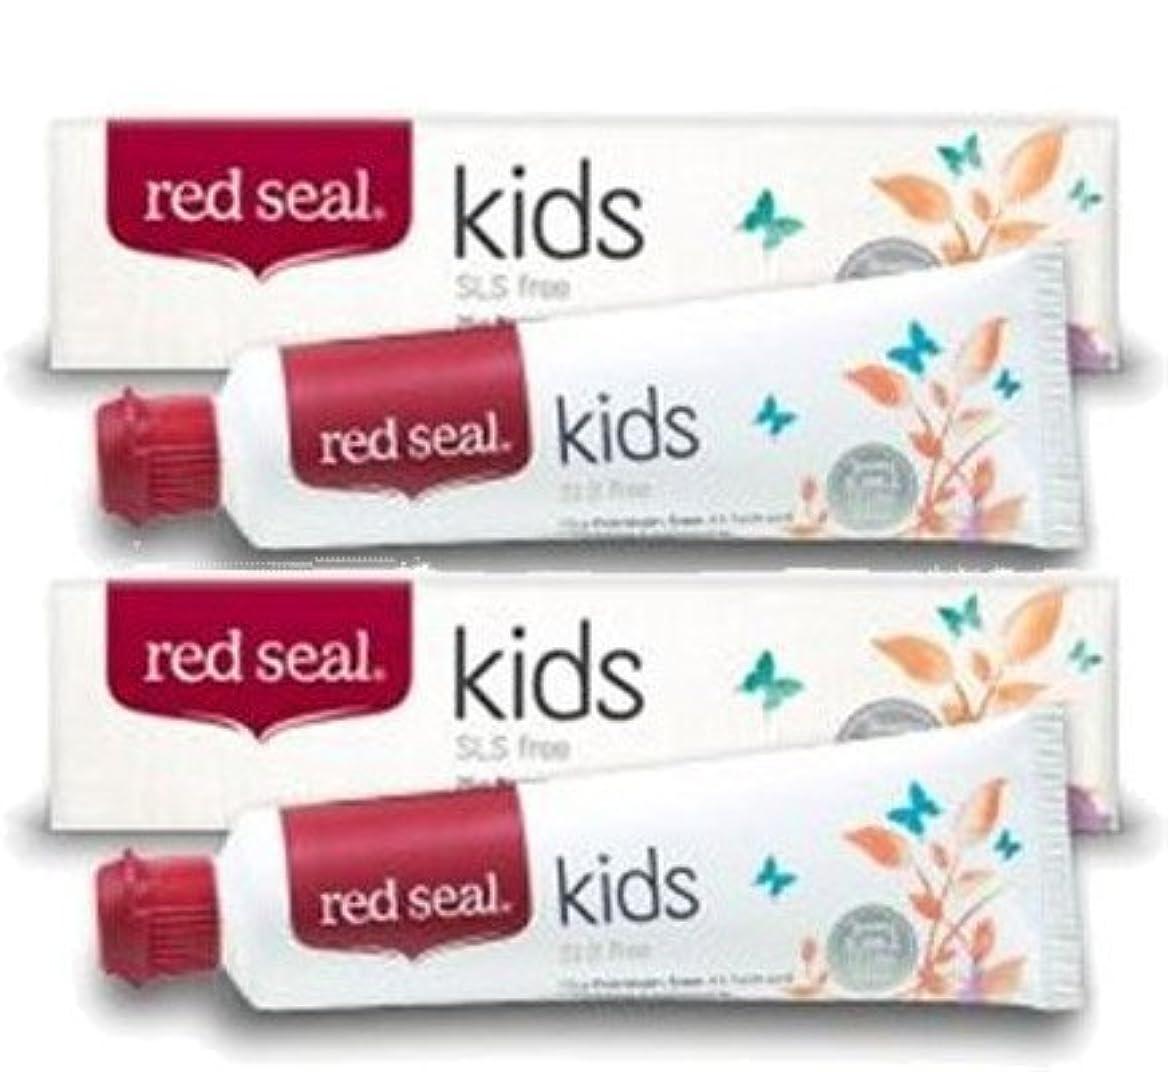 ピービッシュ前売無法者子供用 天然 キッズ 歯磨き粉 75g 2個セット / Natural Kids Toothpaste 75g [海外直送] [並行輸入品]